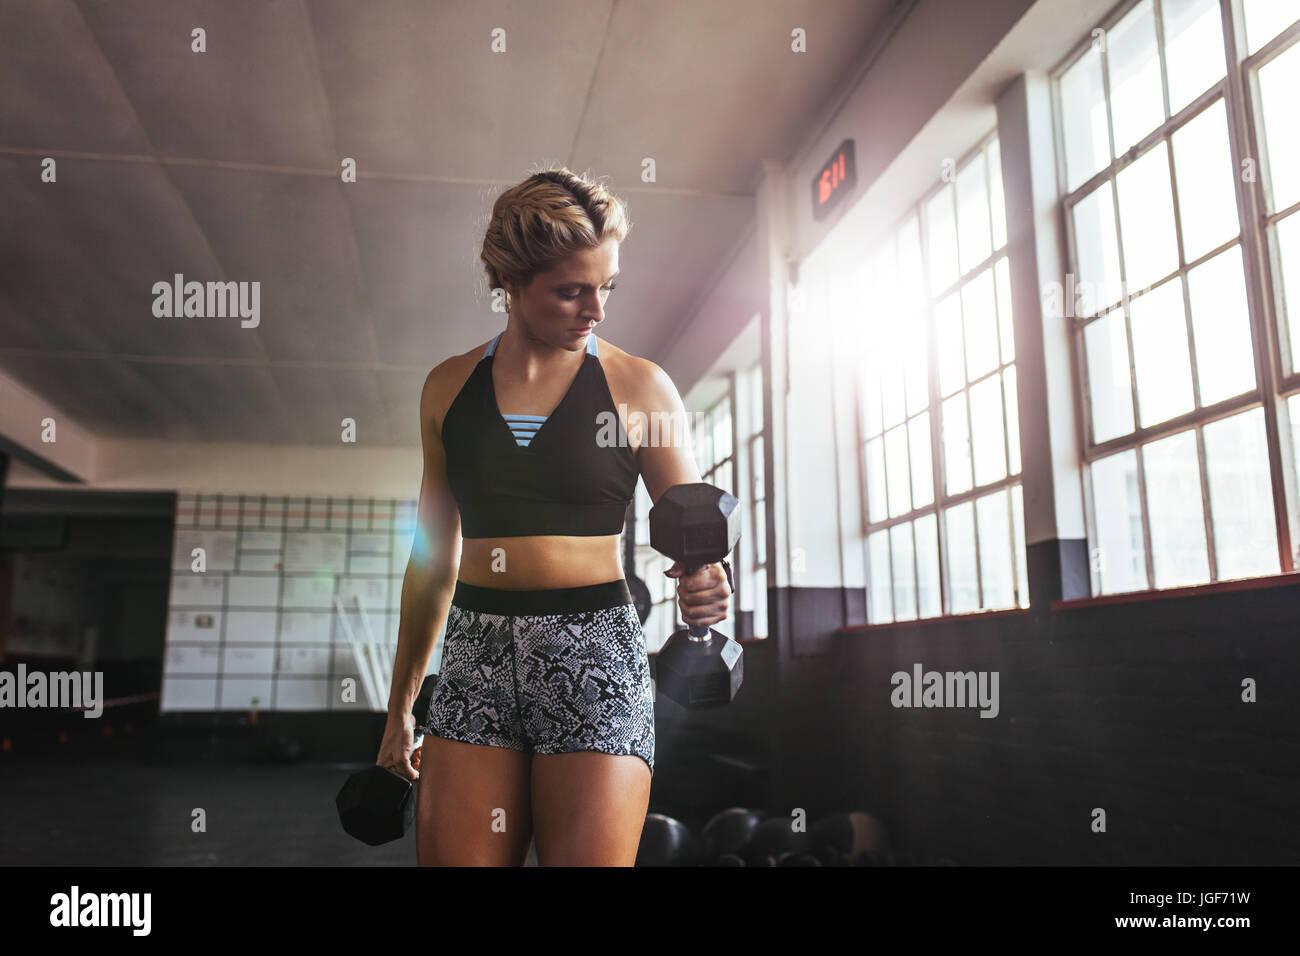 Junge Frau Pumpen Muskeln mit Hanteln. Sportler trainieren mit Hanteln für Muskel- und Kraftaufbau. Stockbild